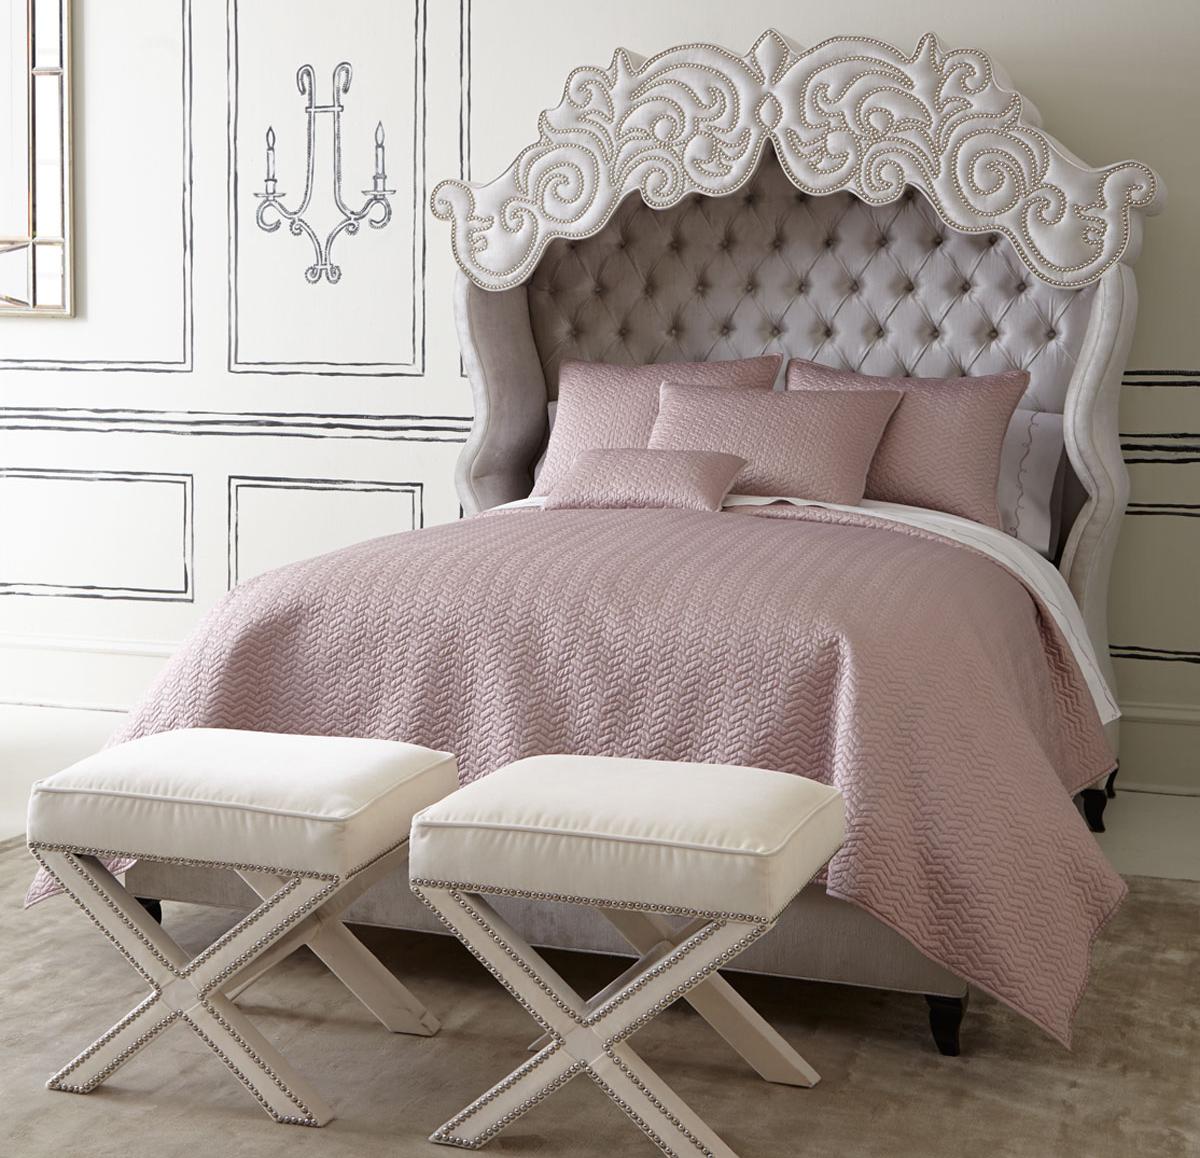 سرير كابيتونيه fi سرير كابيتونيه fi